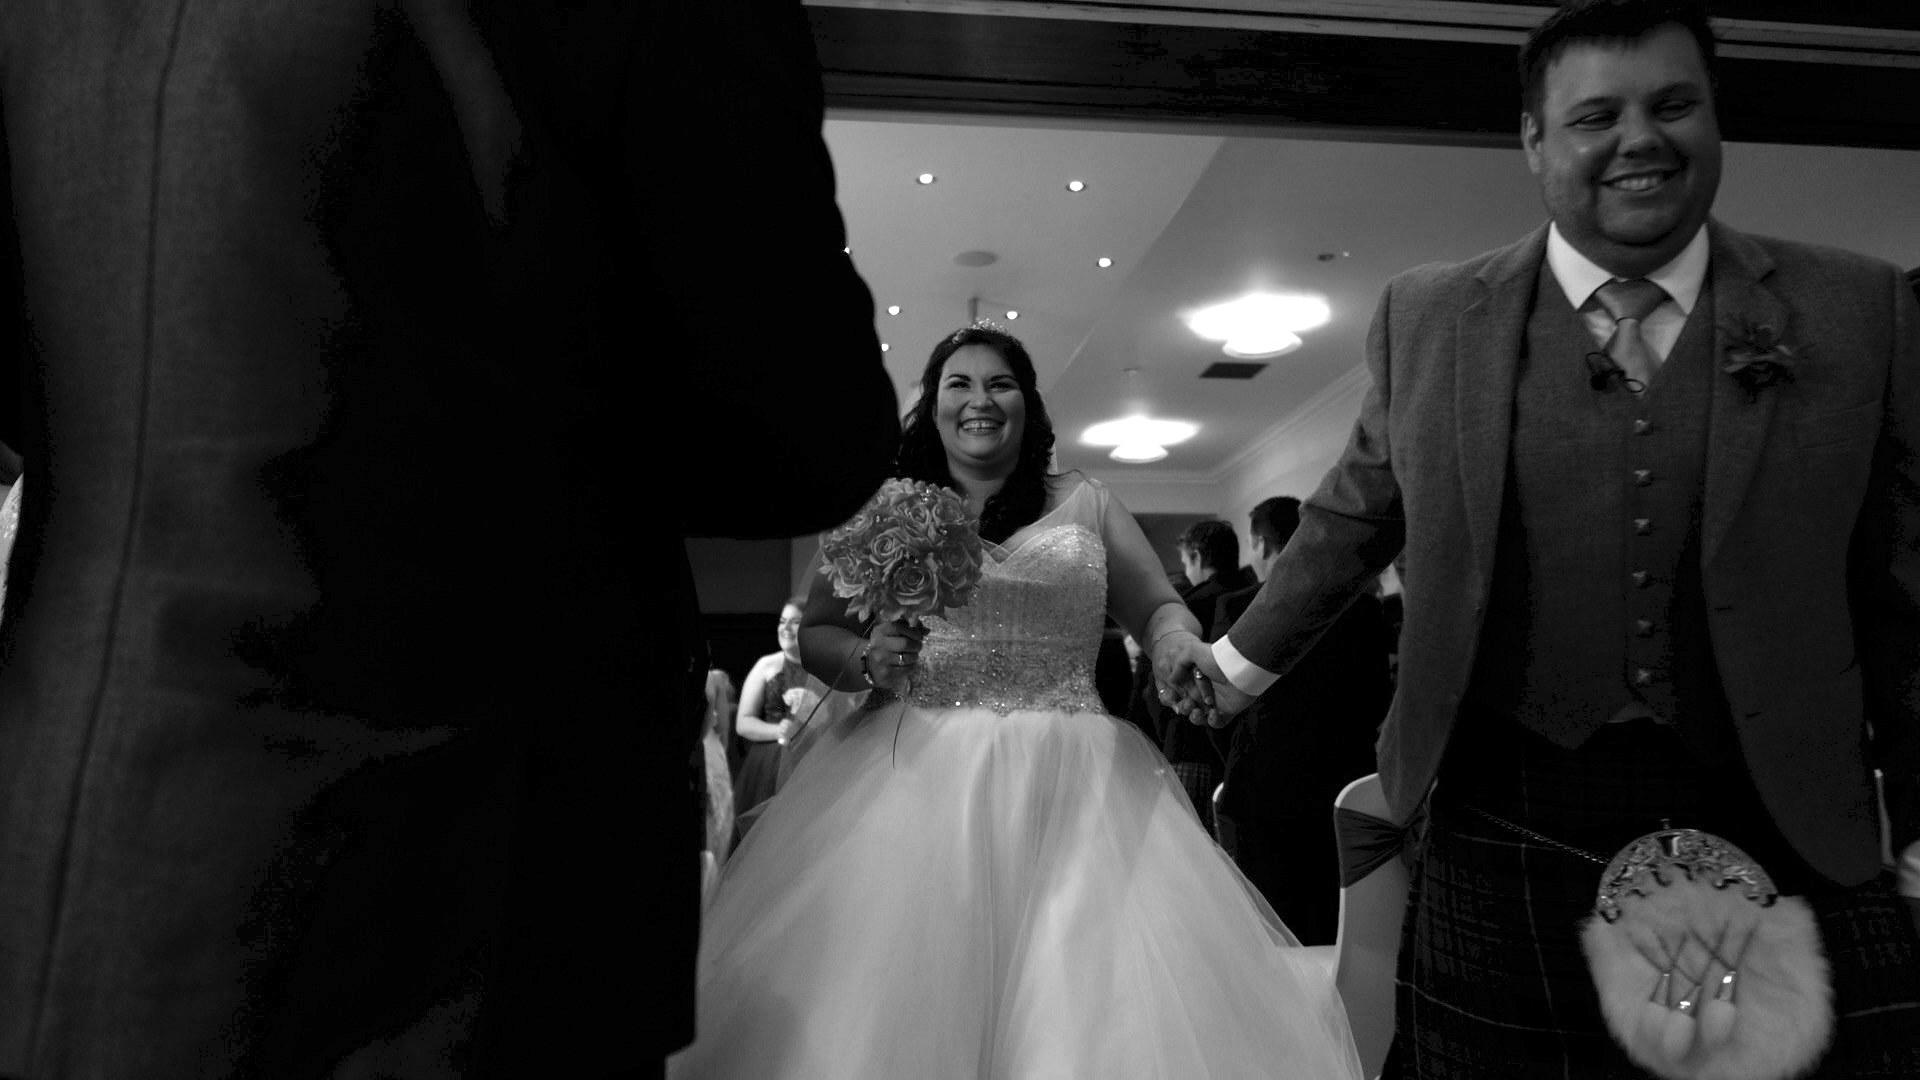 BUCHAN-BRAES-JULY-WEDDING (14).jpg